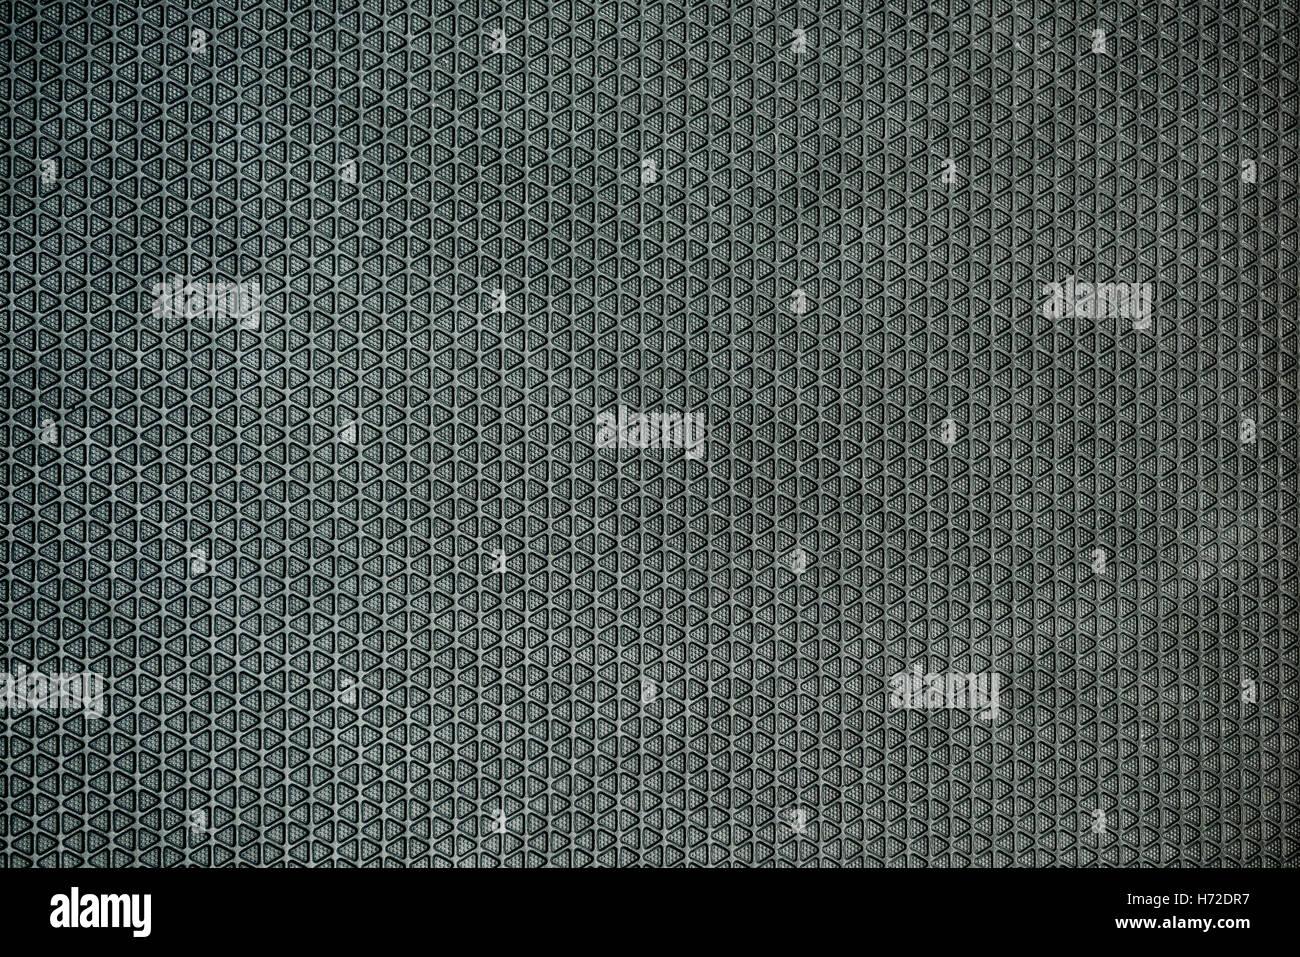 La pavimentazione in gomma sfondi concetto materiale Immagini Stock